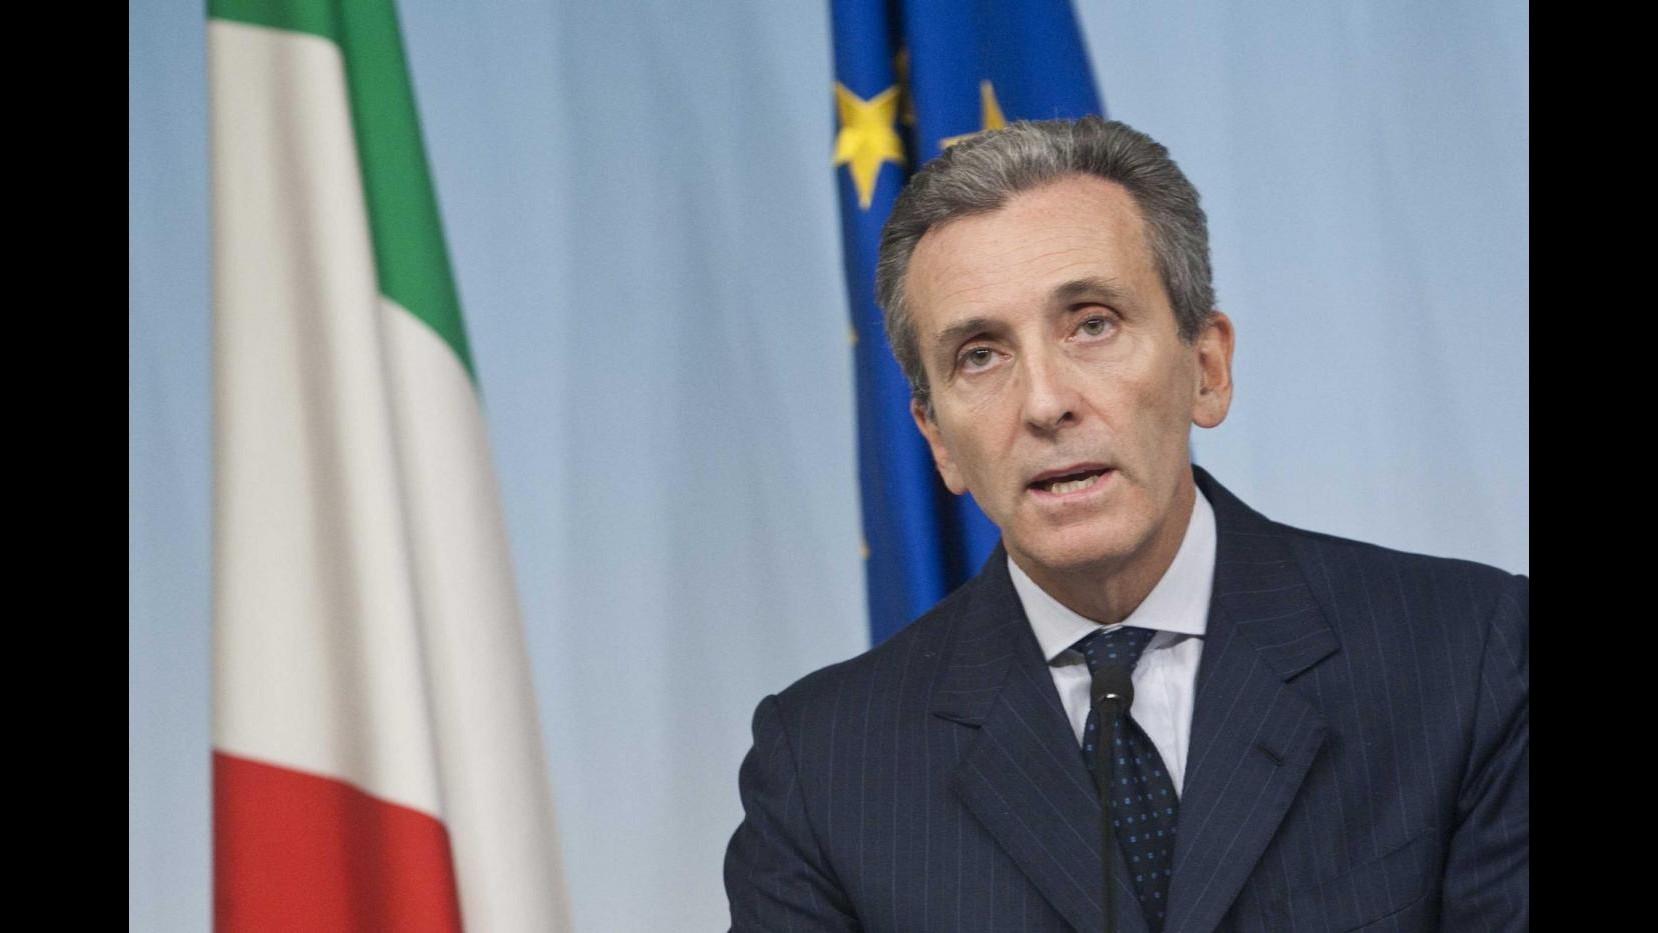 Legge stabilità, Grilli: No controriforme, 900 mln per ritoccarlo